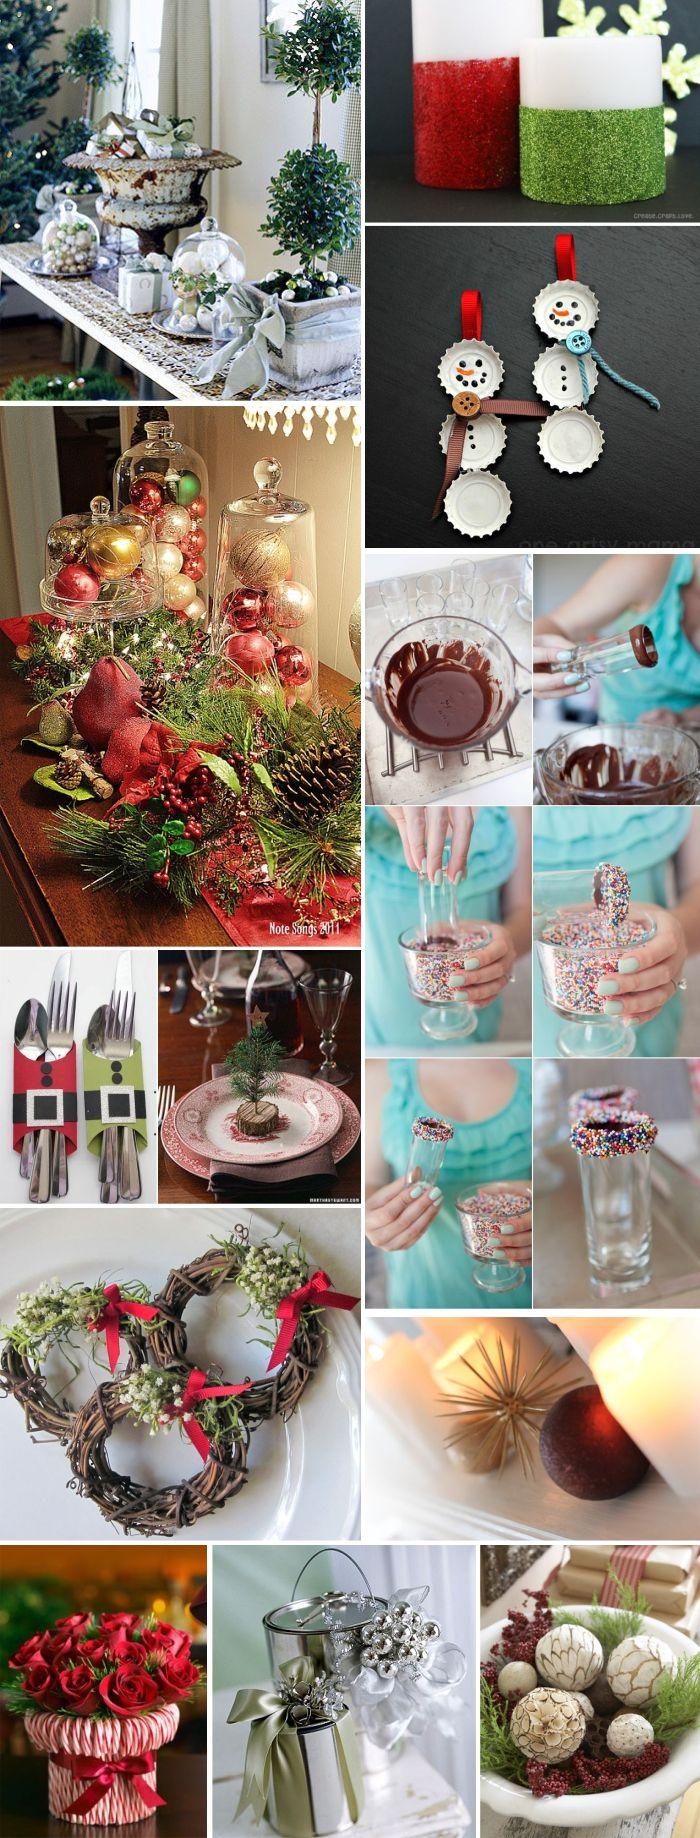 Decoraç u00e3o de natal simples e barata -> Decoração De Natal Simples E Barata Para Mesa